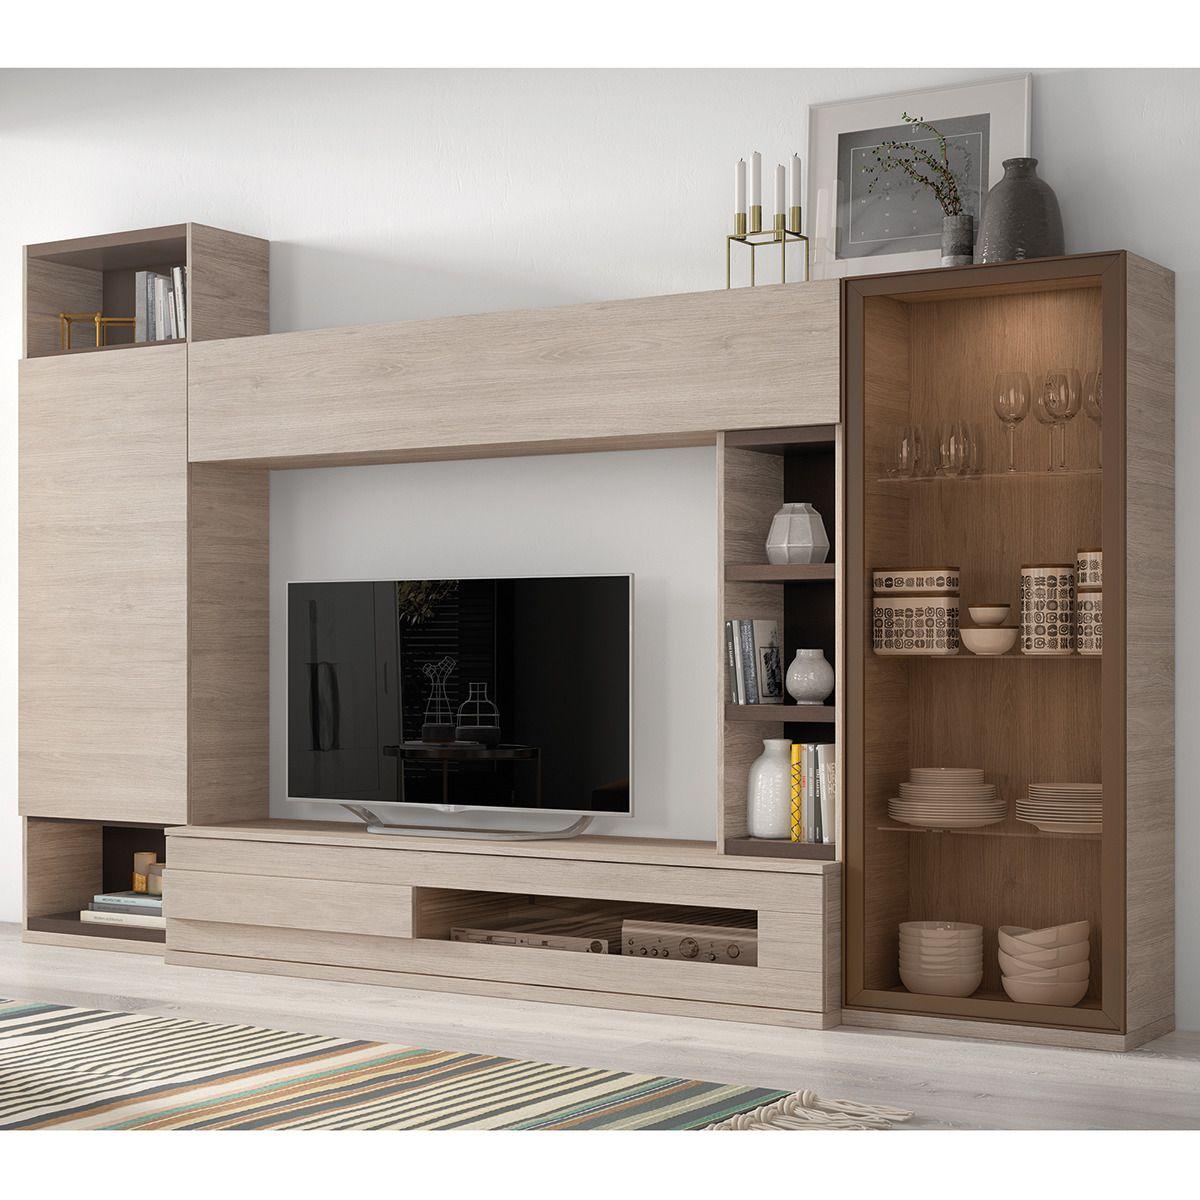 Mueble de salón en roble y tierra Chicago | INTERIORES IDEAS ...